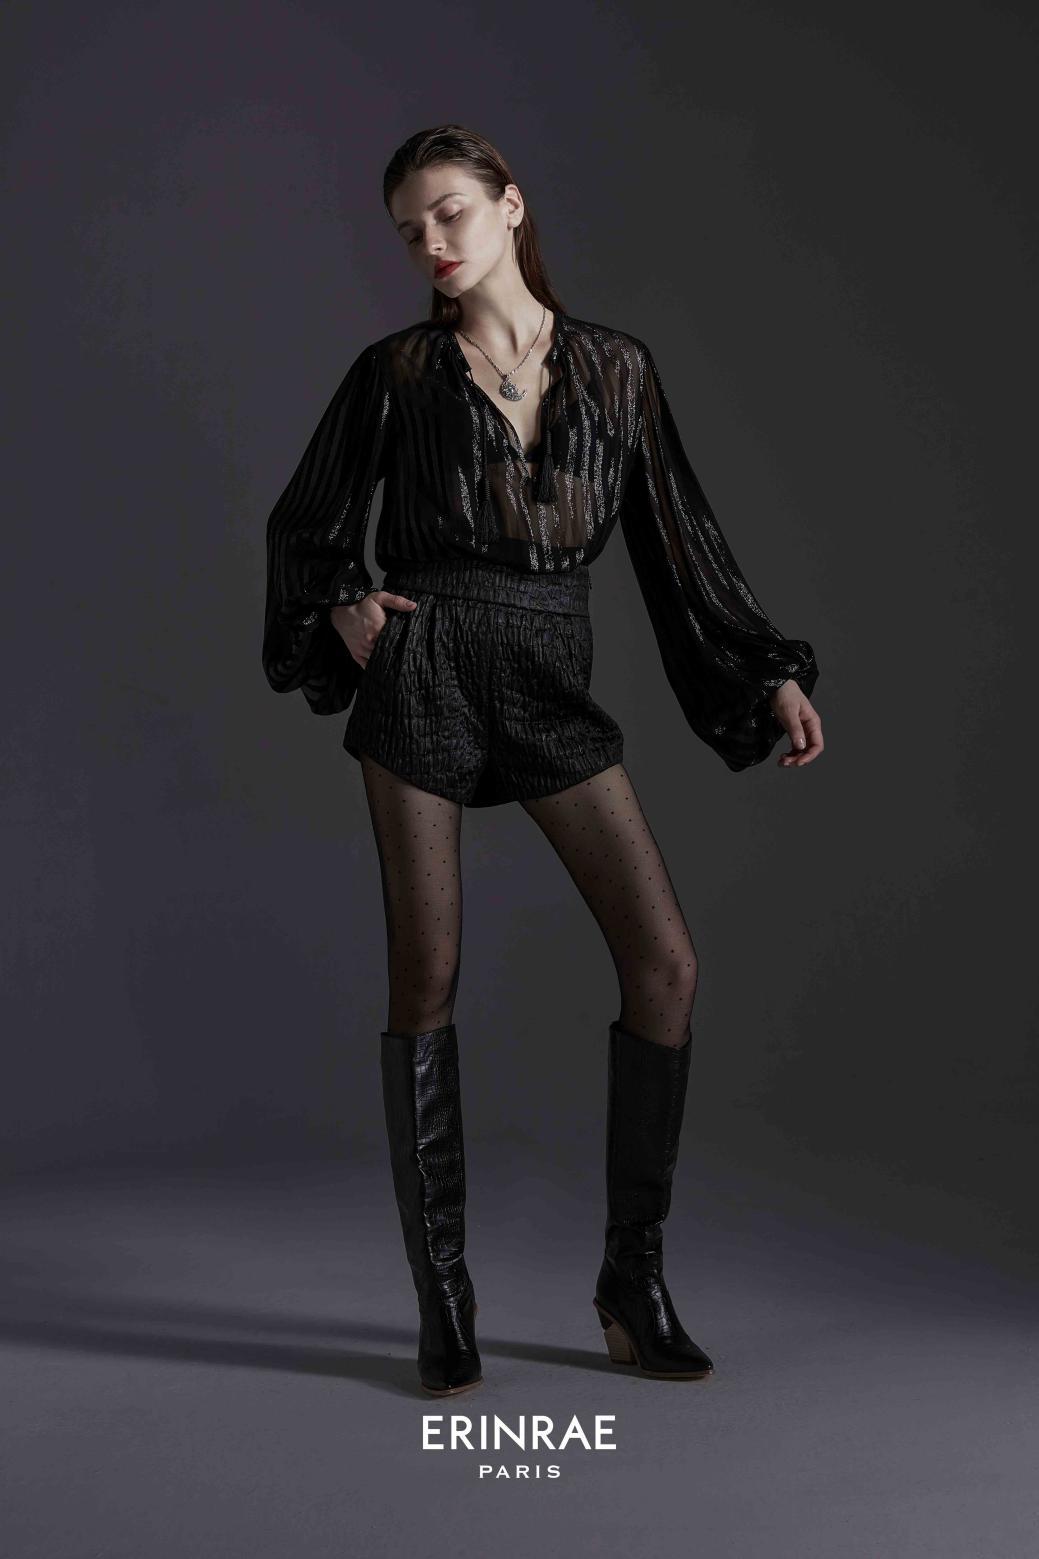 法国轻奢品牌ERINRAE发布2020秋冬新款 灵感源自吸血鬼